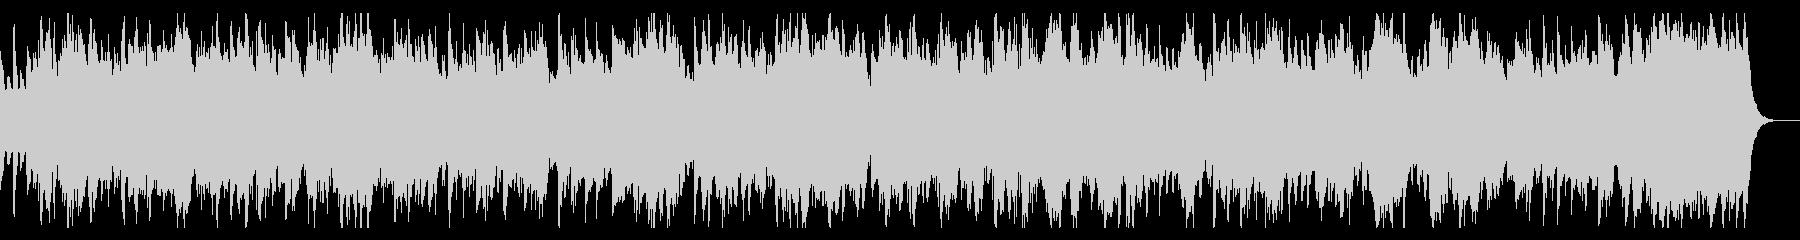 日常系の静かなピアノとストリングスBGMの未再生の波形